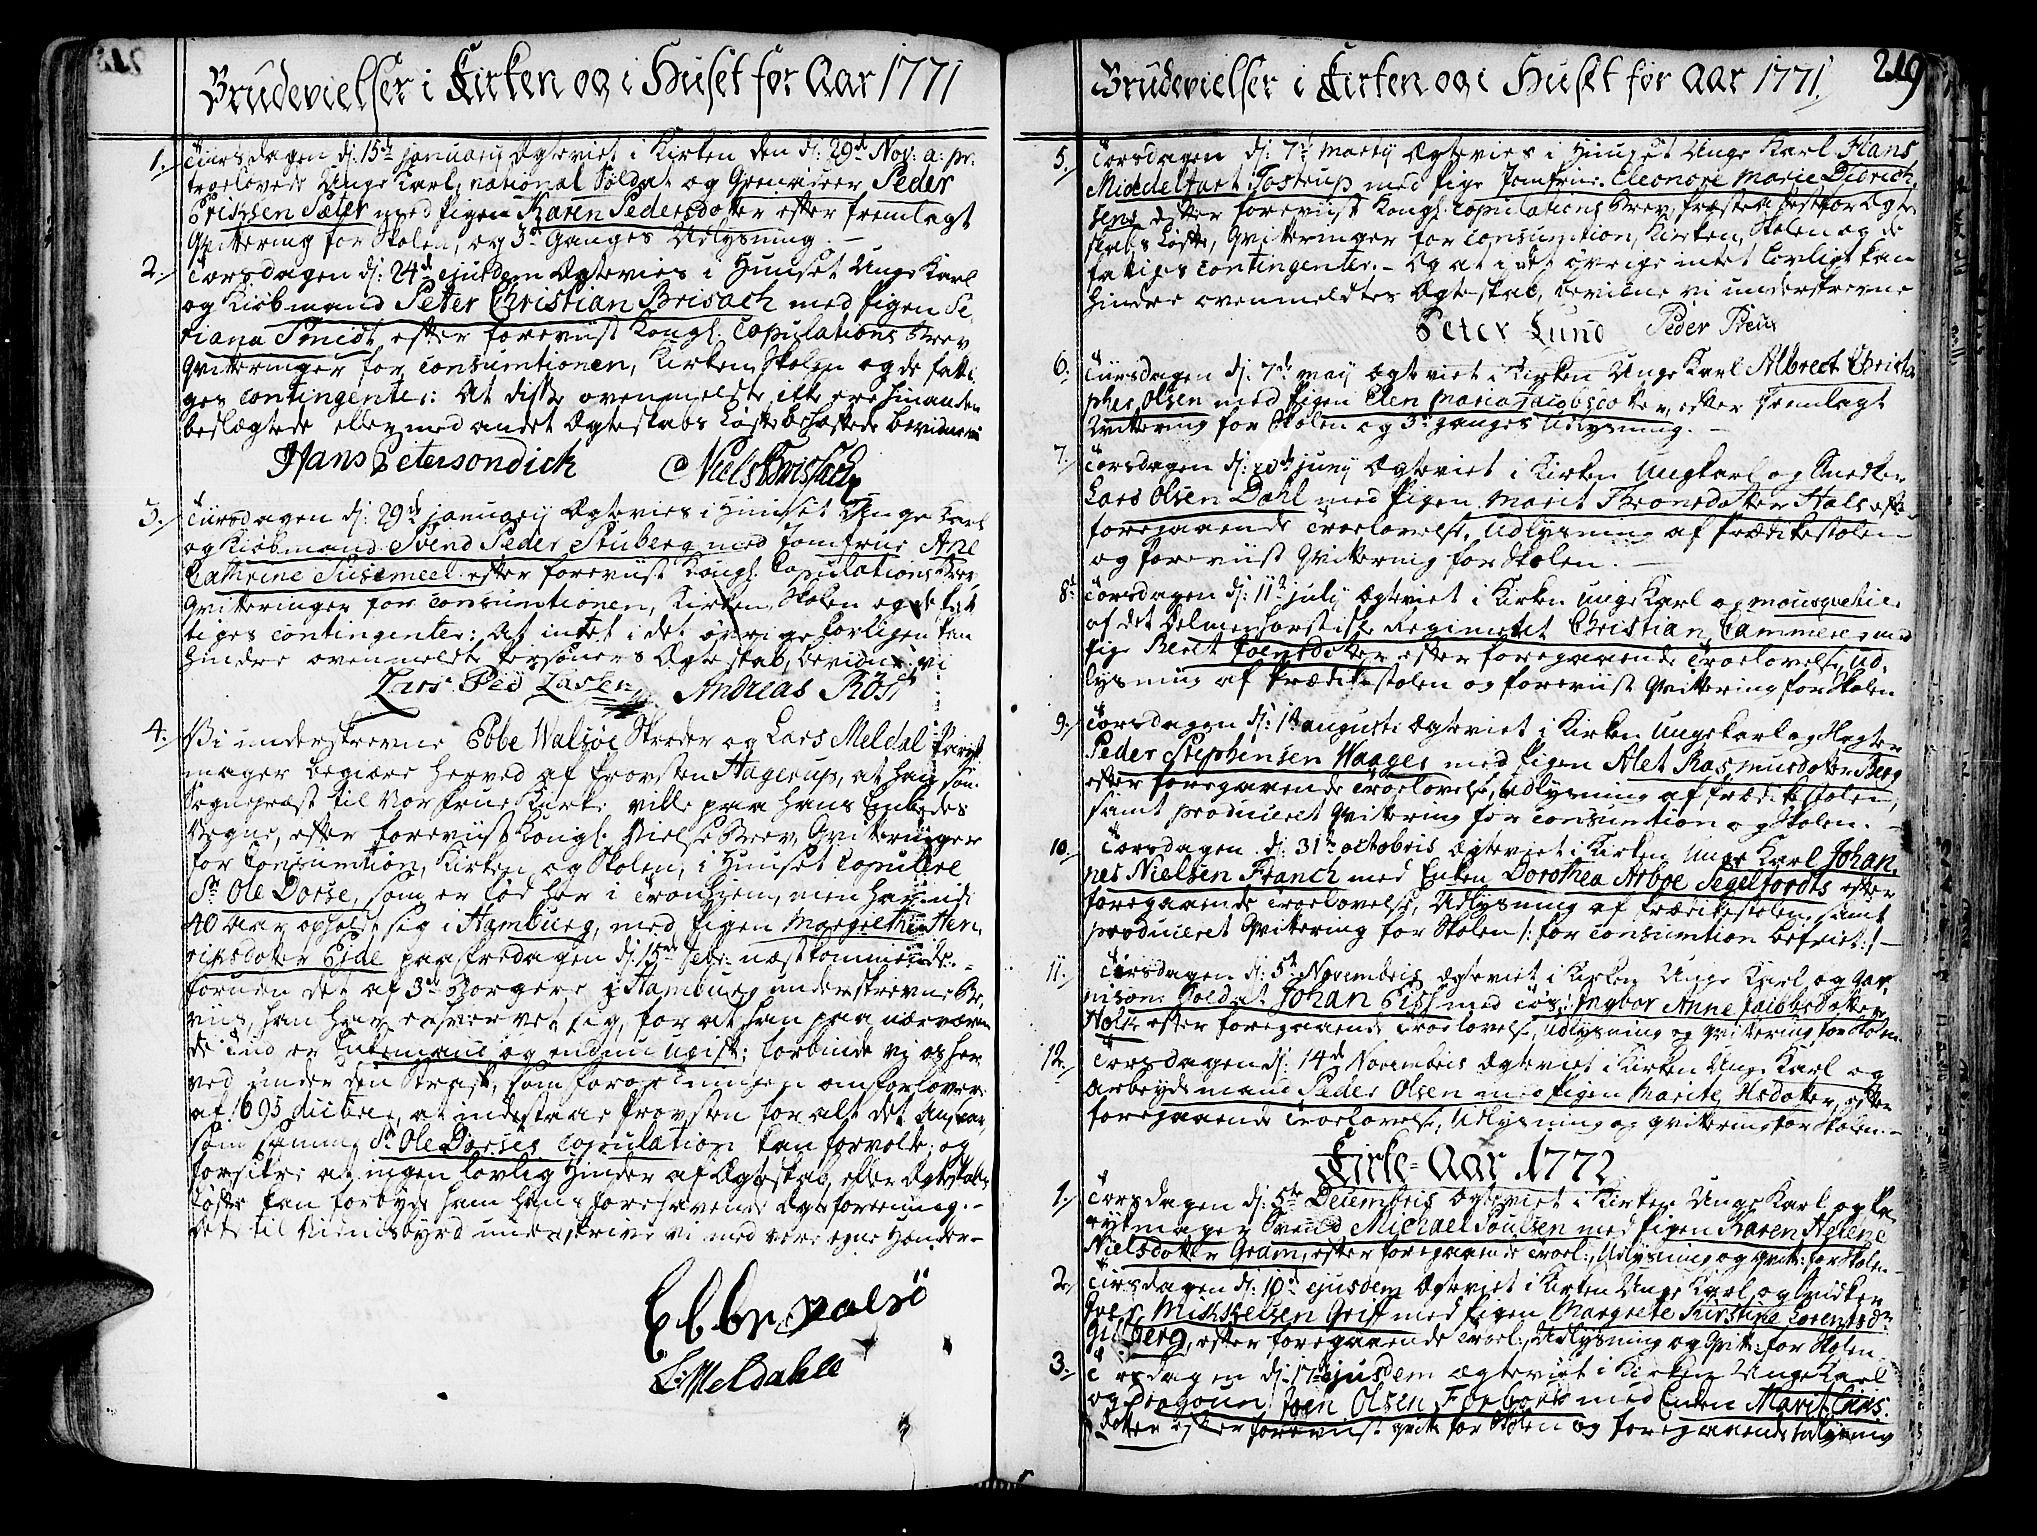 SAT, Ministerialprotokoller, klokkerbøker og fødselsregistre - Sør-Trøndelag, 602/L0103: Ministerialbok nr. 602A01, 1732-1774, s. 219